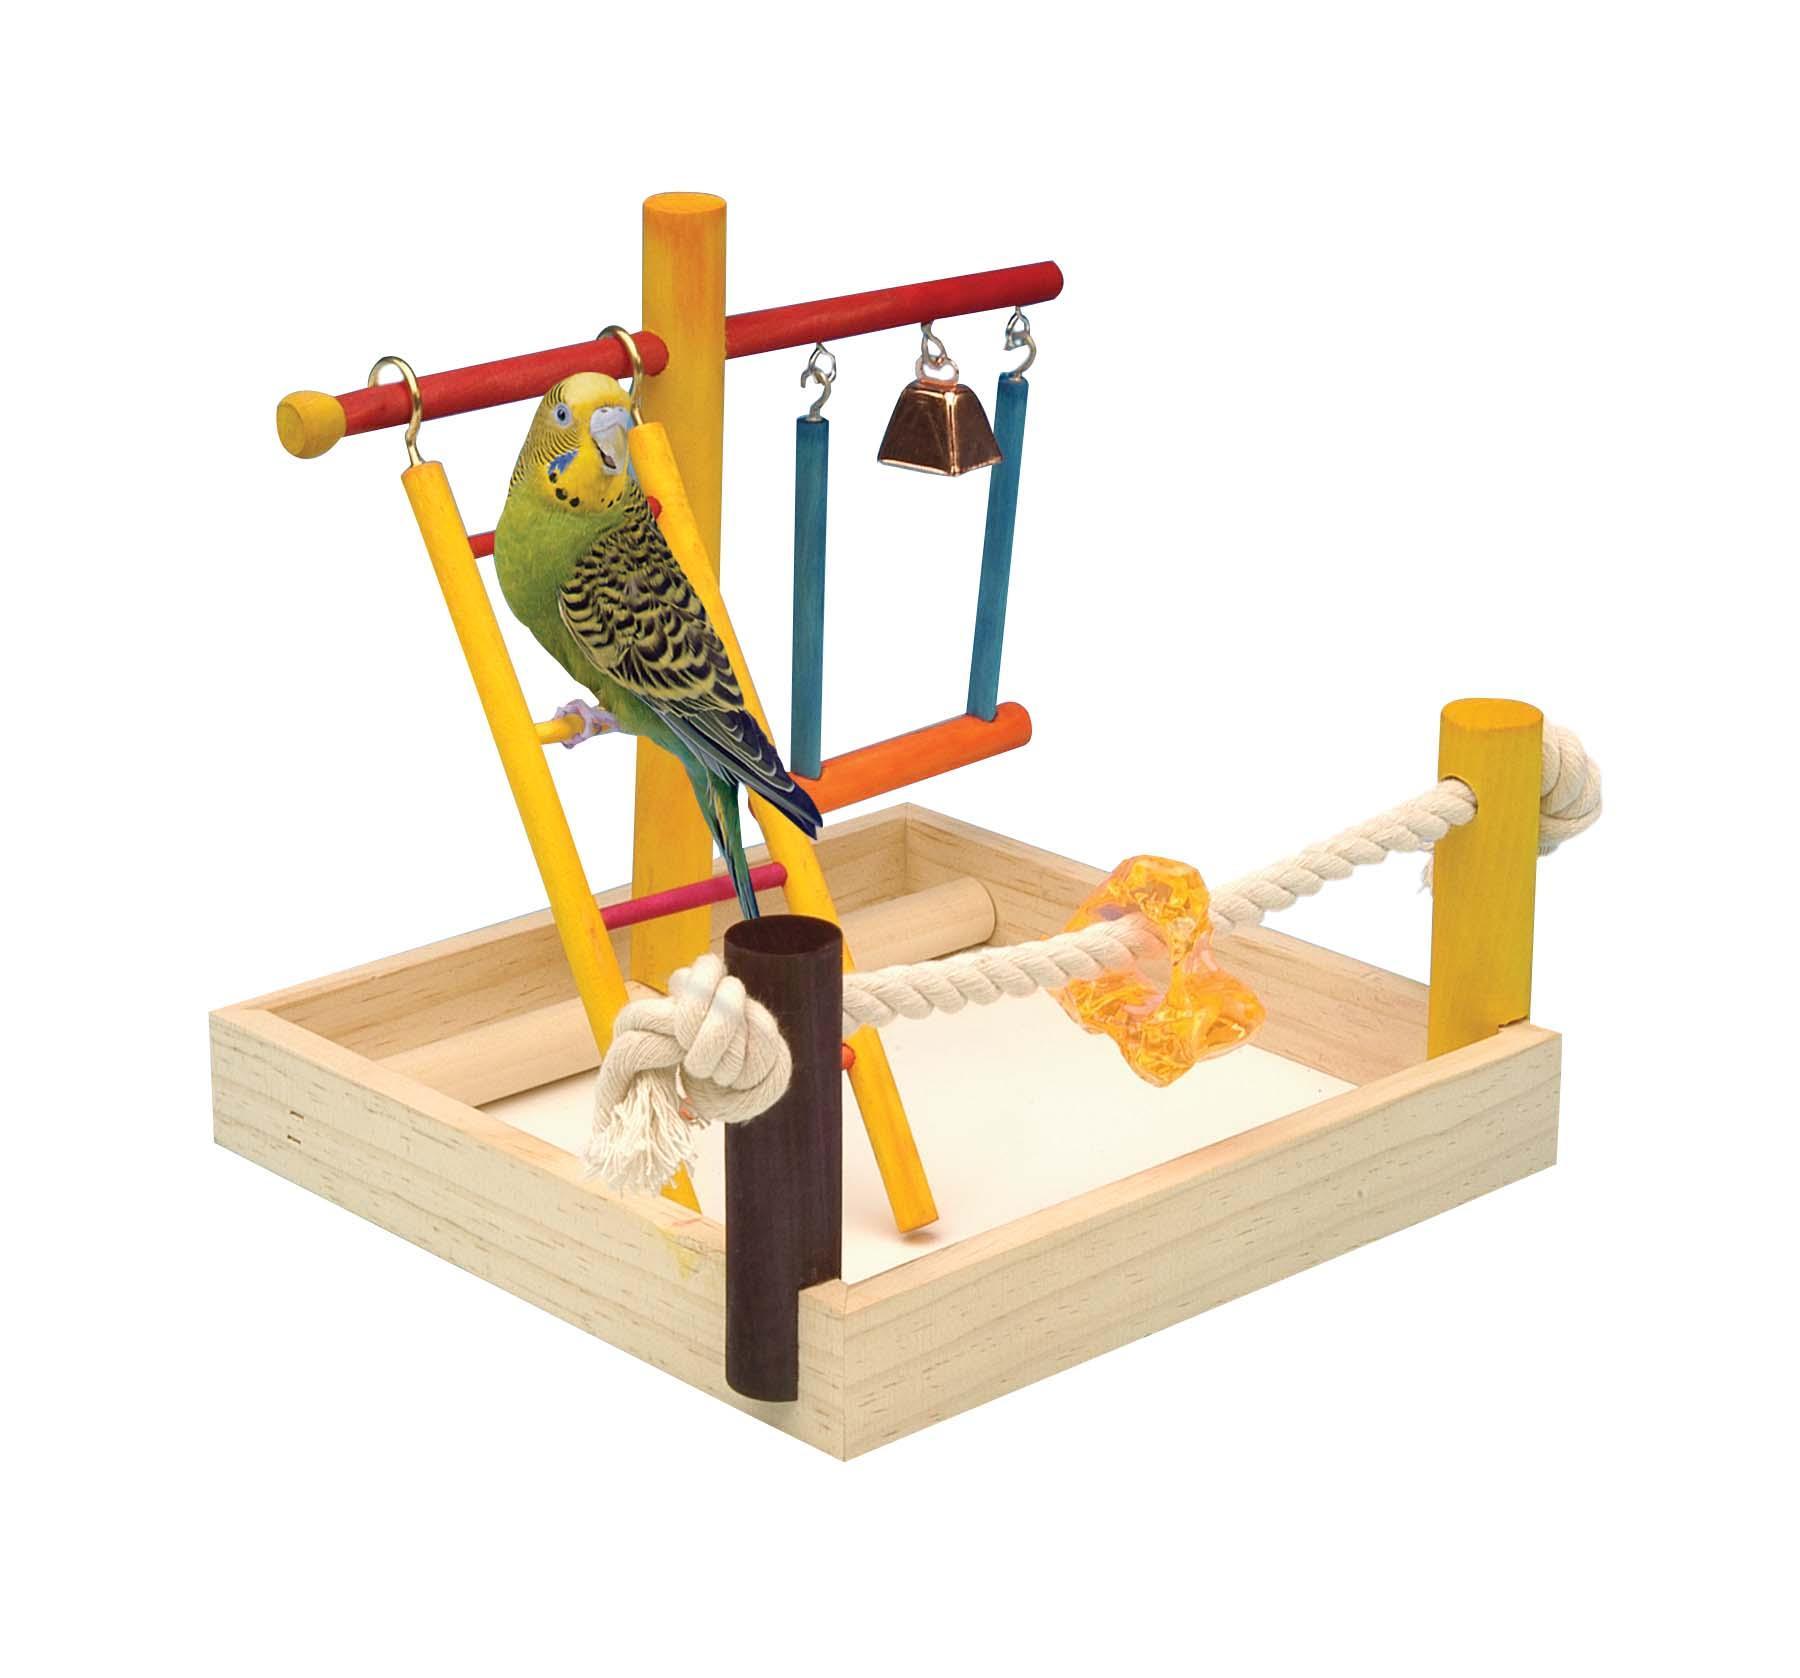 3 4 In Octagon Bird Toys : Amazon penn plax ba bird toy activity center